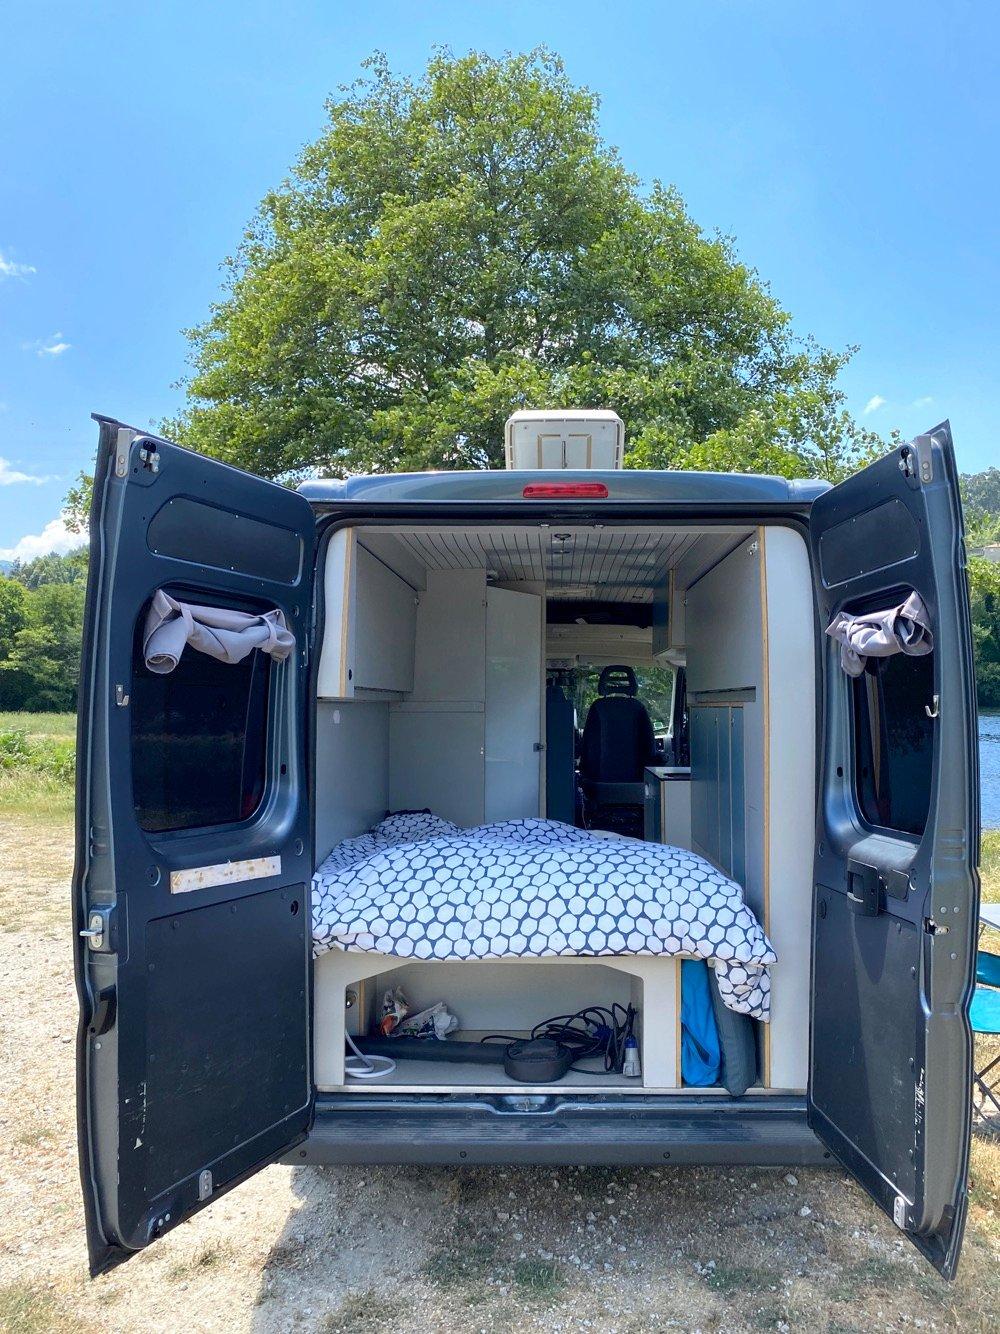 back end of campervan